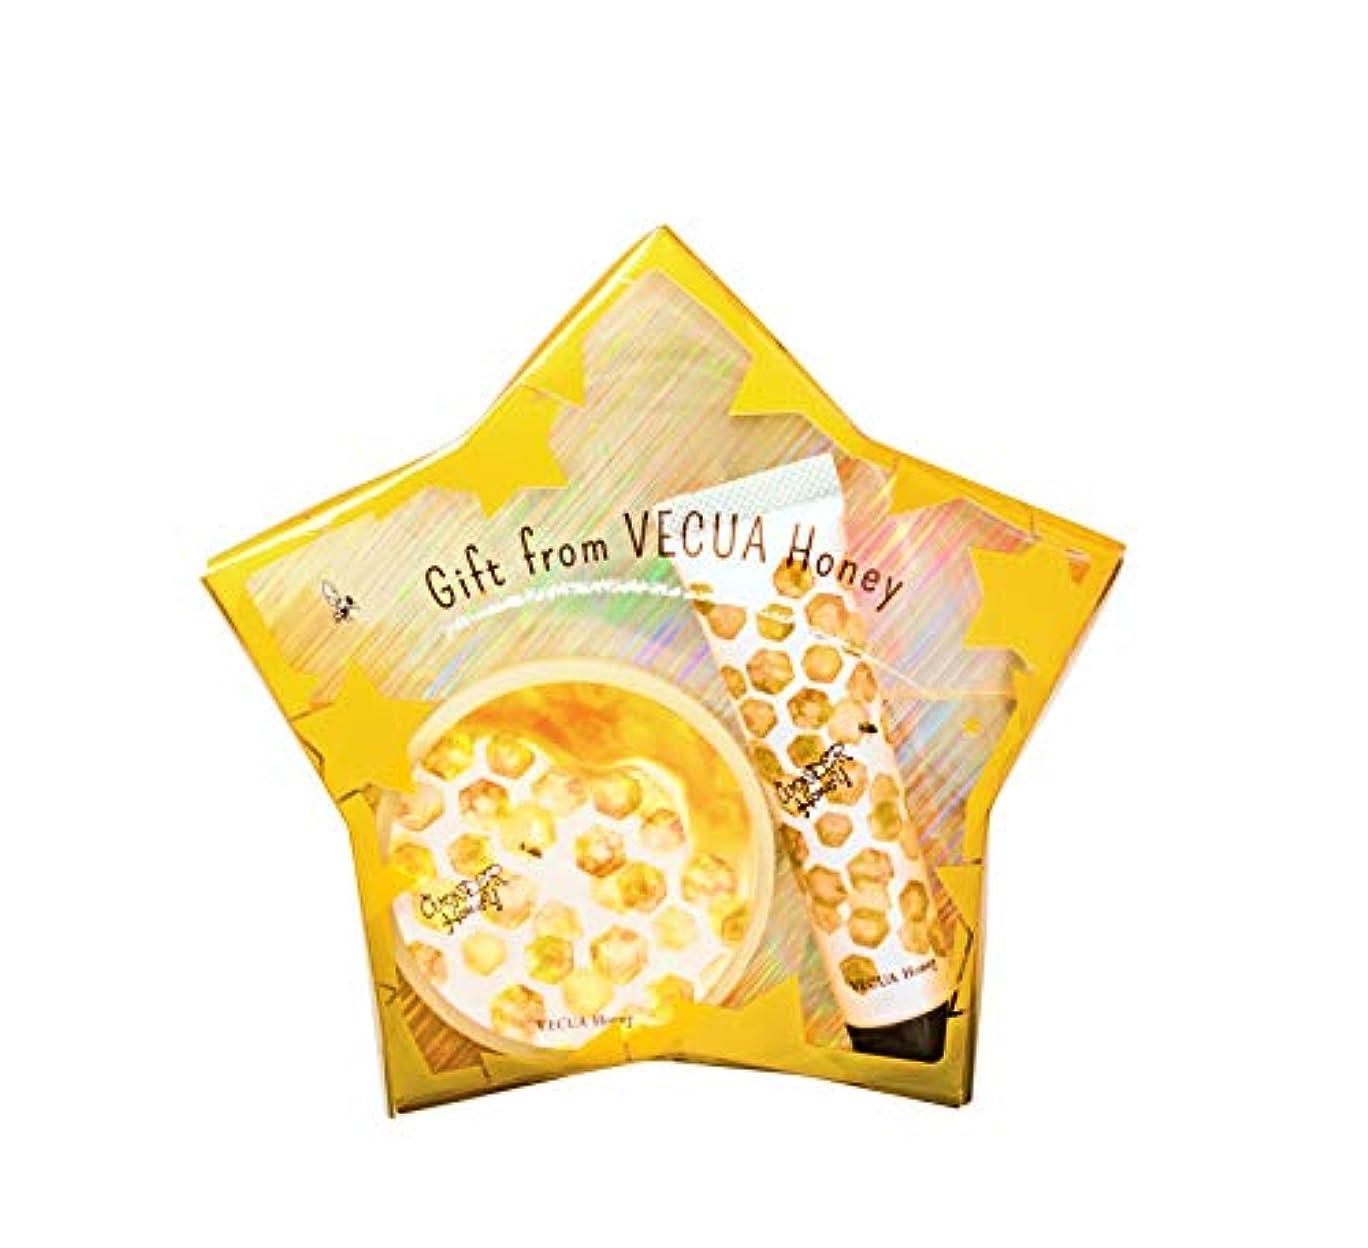 嫌悪市の花流用するベキュア ハニー(VECUA Honey) ワンダーハニー ギフトセット ハニーポット ボディクリーム 15g+47g